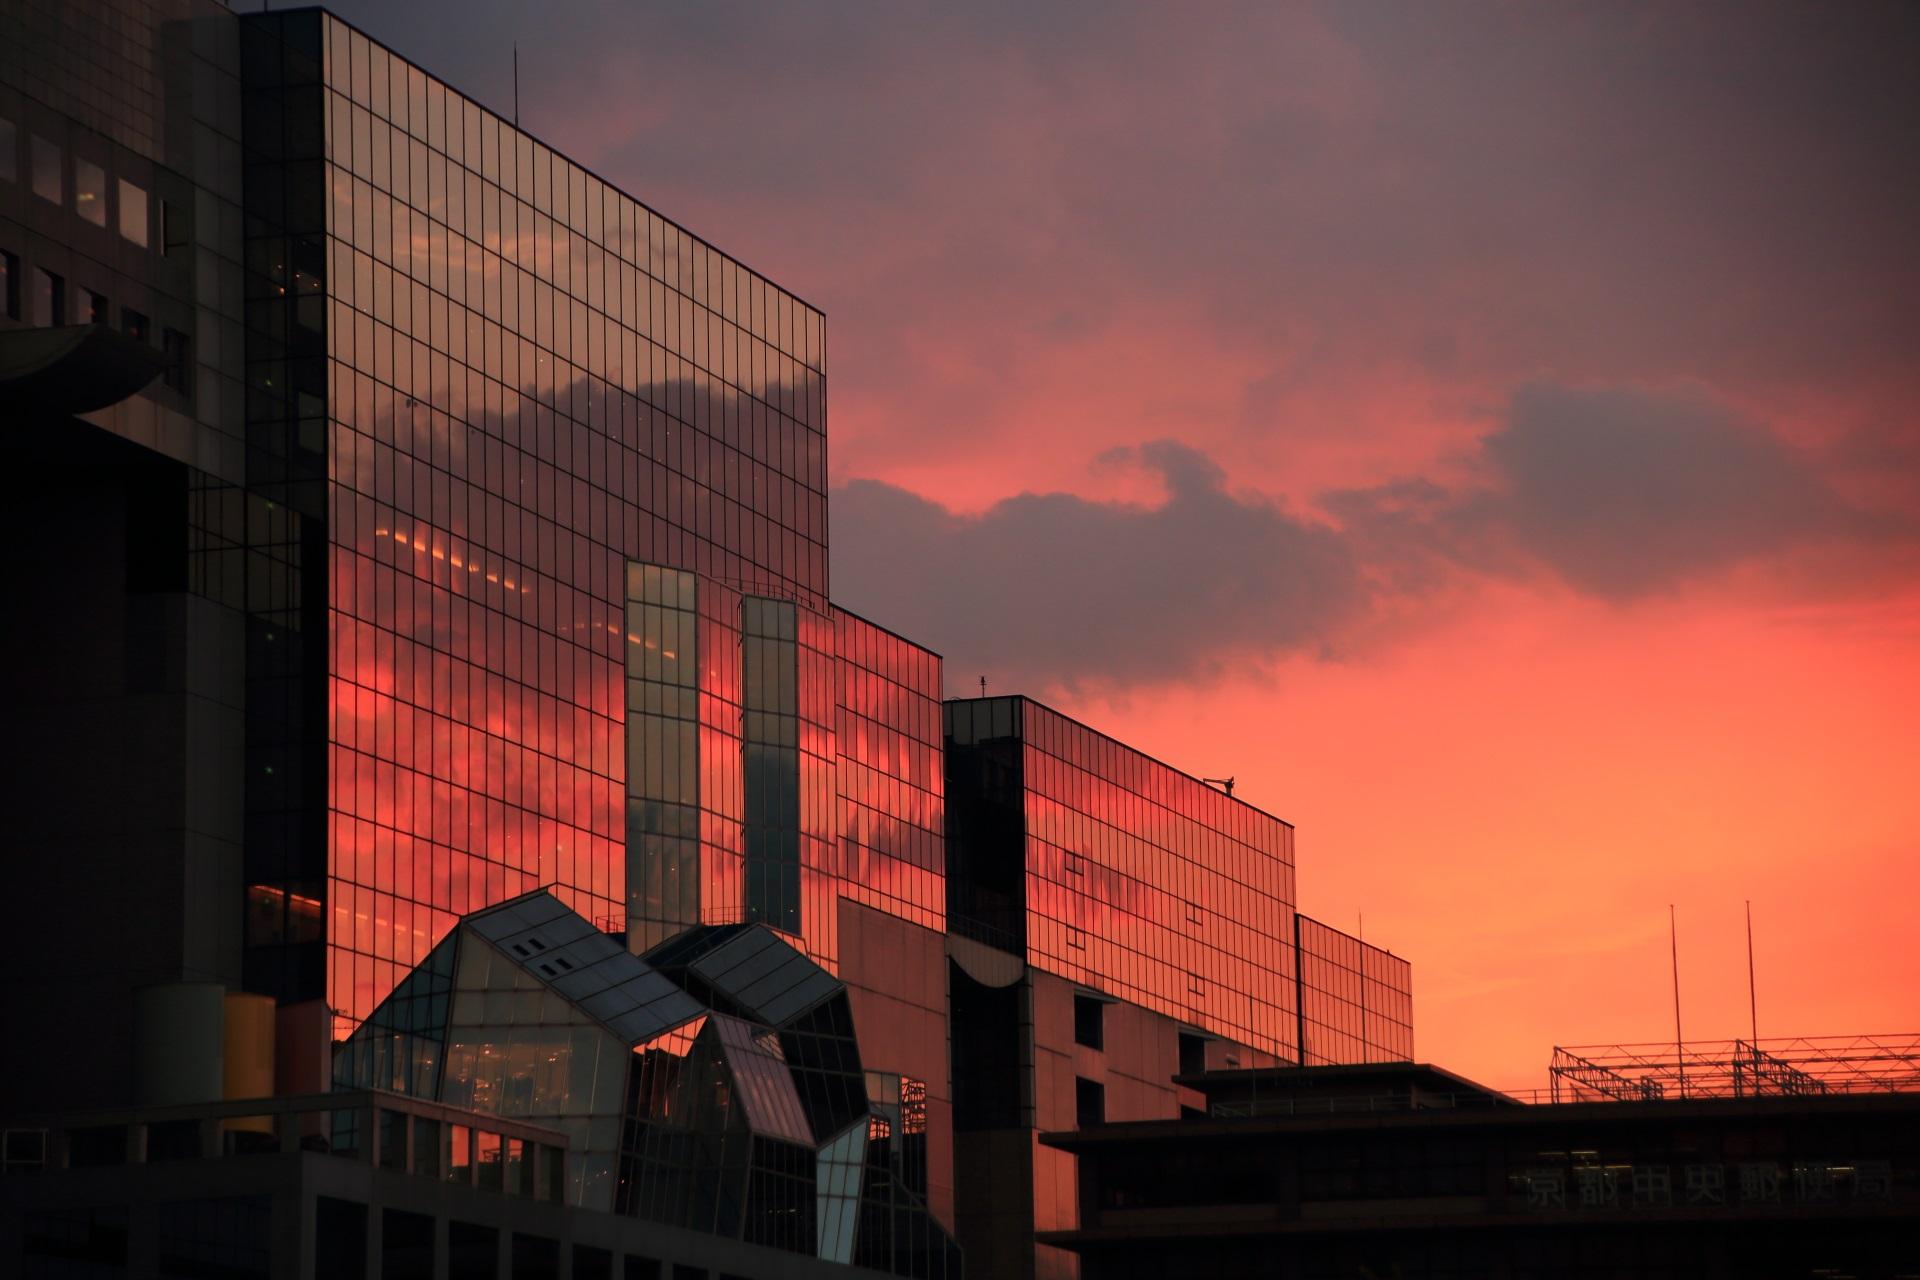 オレンジ色のみならず雲も含めて紫色っぽいところもある駅ビルの夕焼